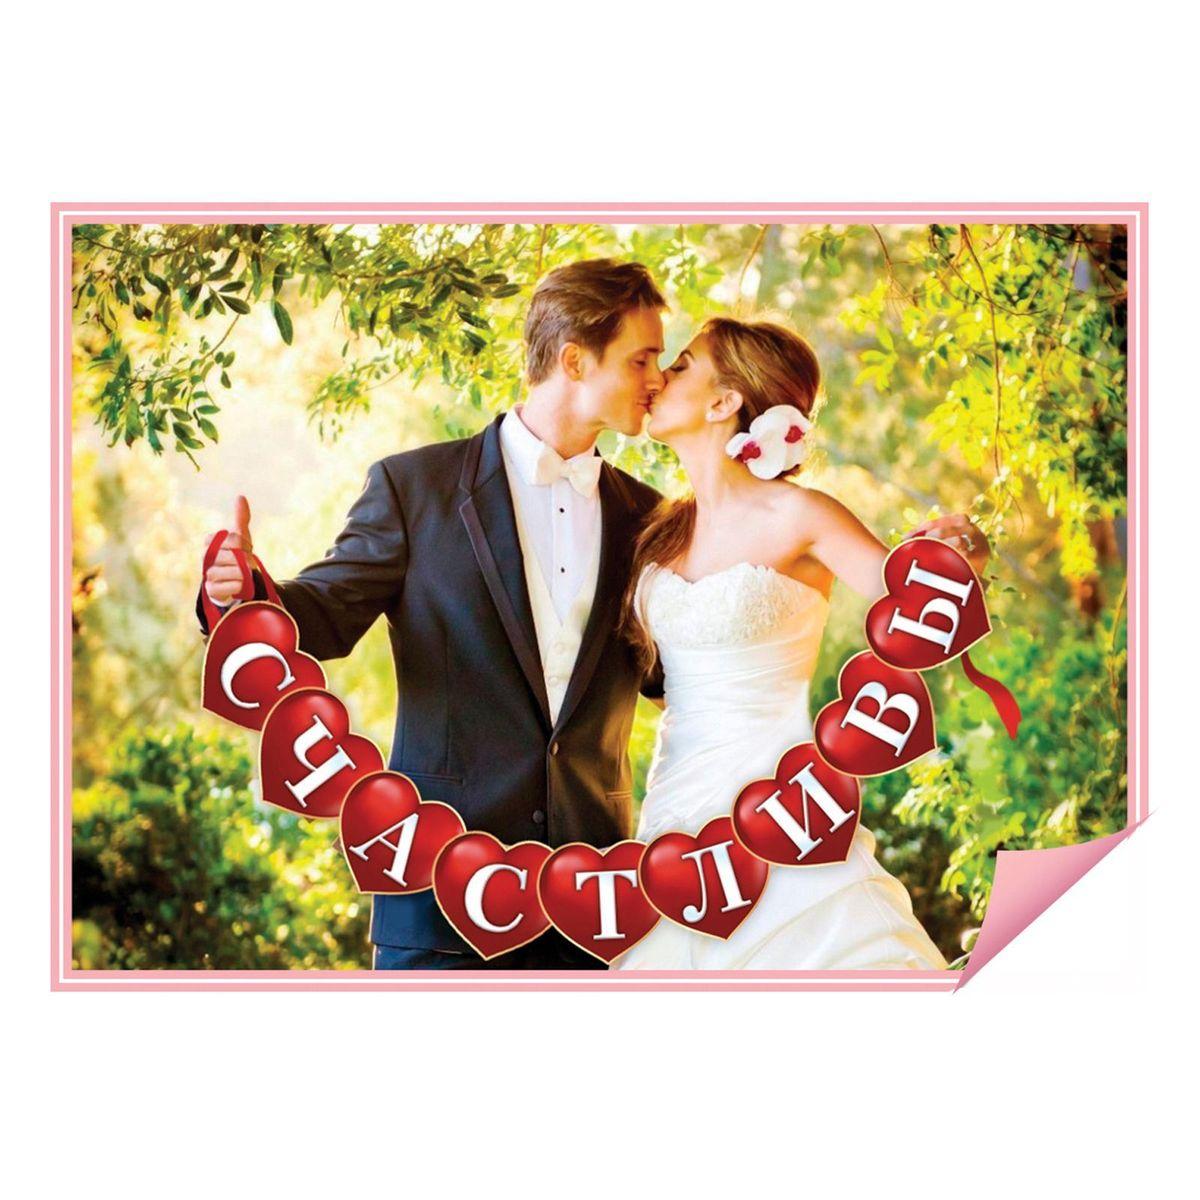 Фотобутафория на ленте Sima-land Счастливы, 11,3 x 150 x 0,1 см1233367Фотобутафория на ленте Счастливы — прекрасный выбор для тех, кто хочет создать атмосферу праздника и сделать запоминающиеся свадебные снимки. На лицевой стороне напечатана красочная надпись. Украшение легко крепится на стену или дверной проём с помощью клейкой ленты или кнопок. Его также можно держать в руках. Уникальный дизайн создаст незабываемую атмосферу праздника и подарит море позитивных эмоций!